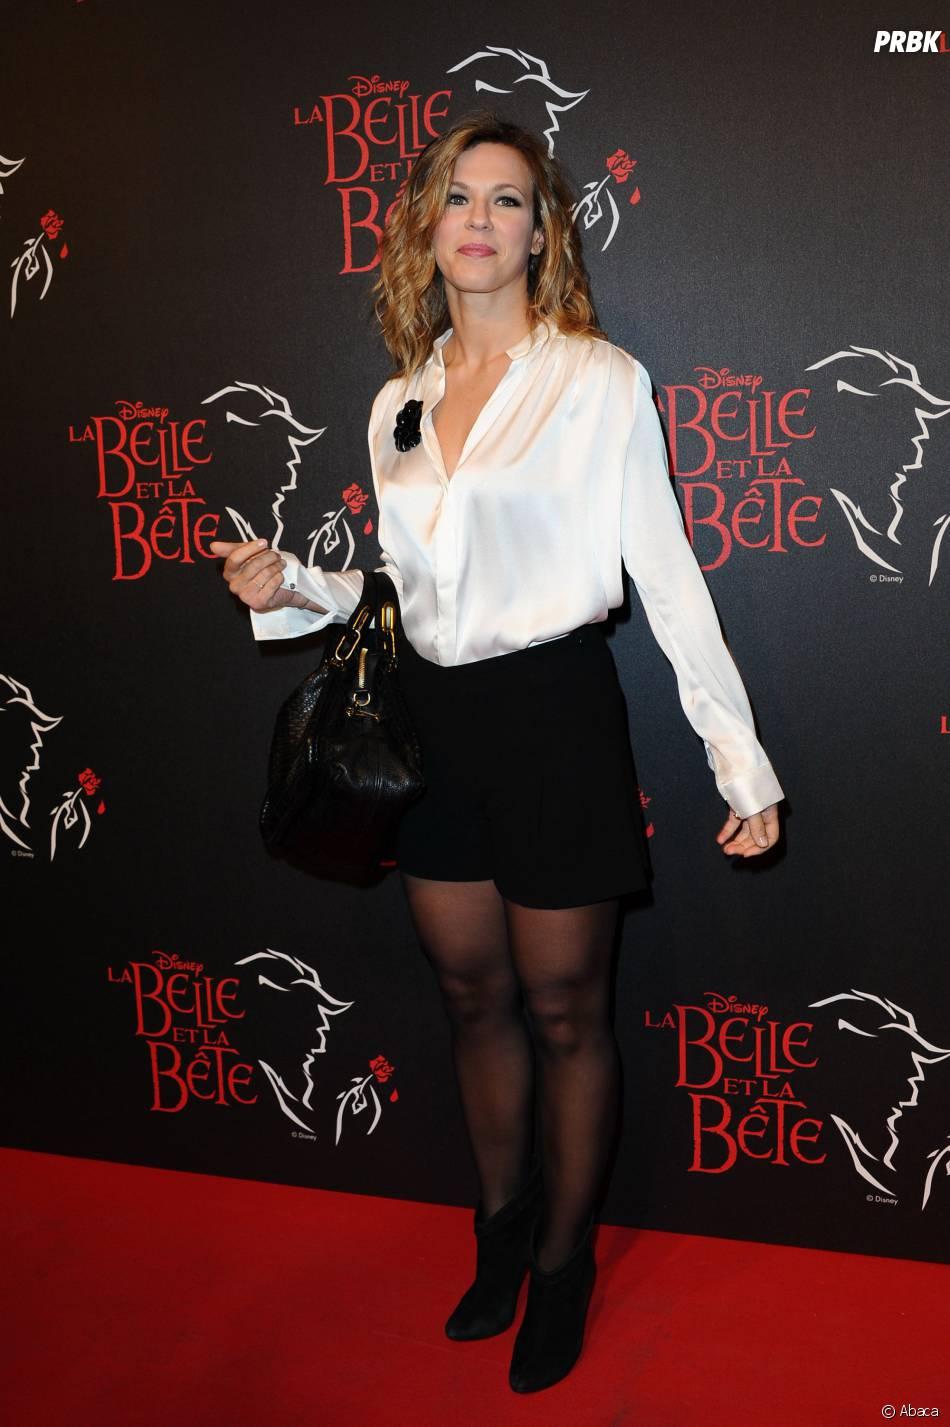 Lorie à l'avant-première de la comédie musicale La Belle et la bête, à Paris, en octobre 2013